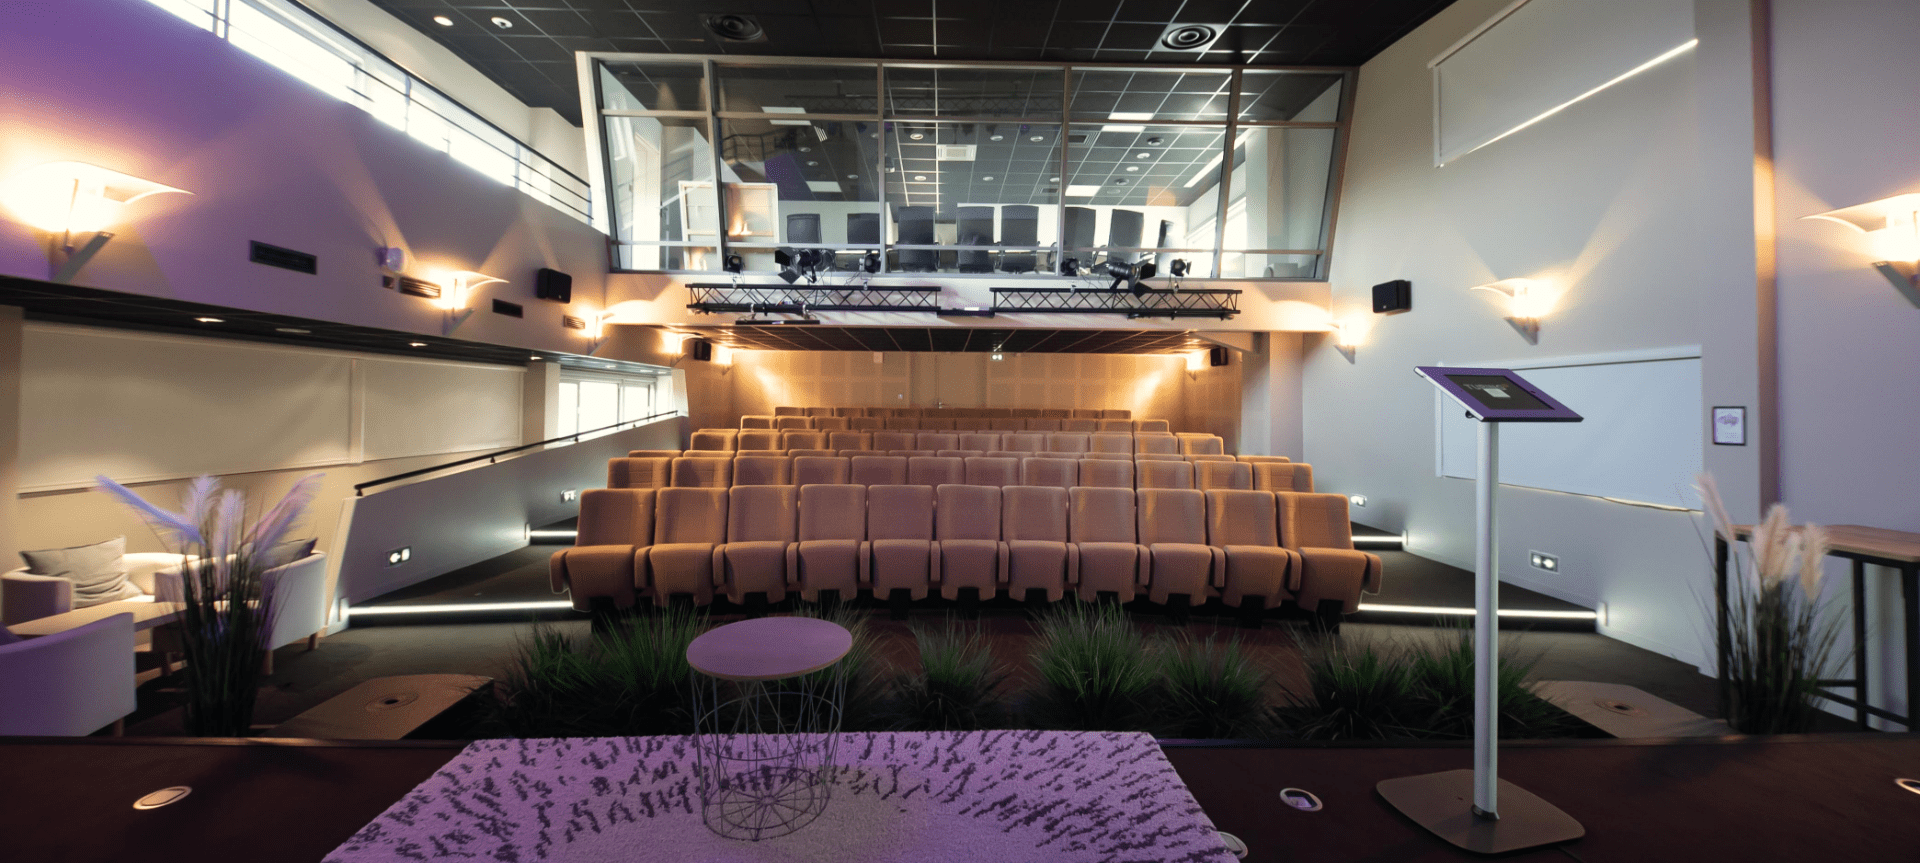 Location Auditorium